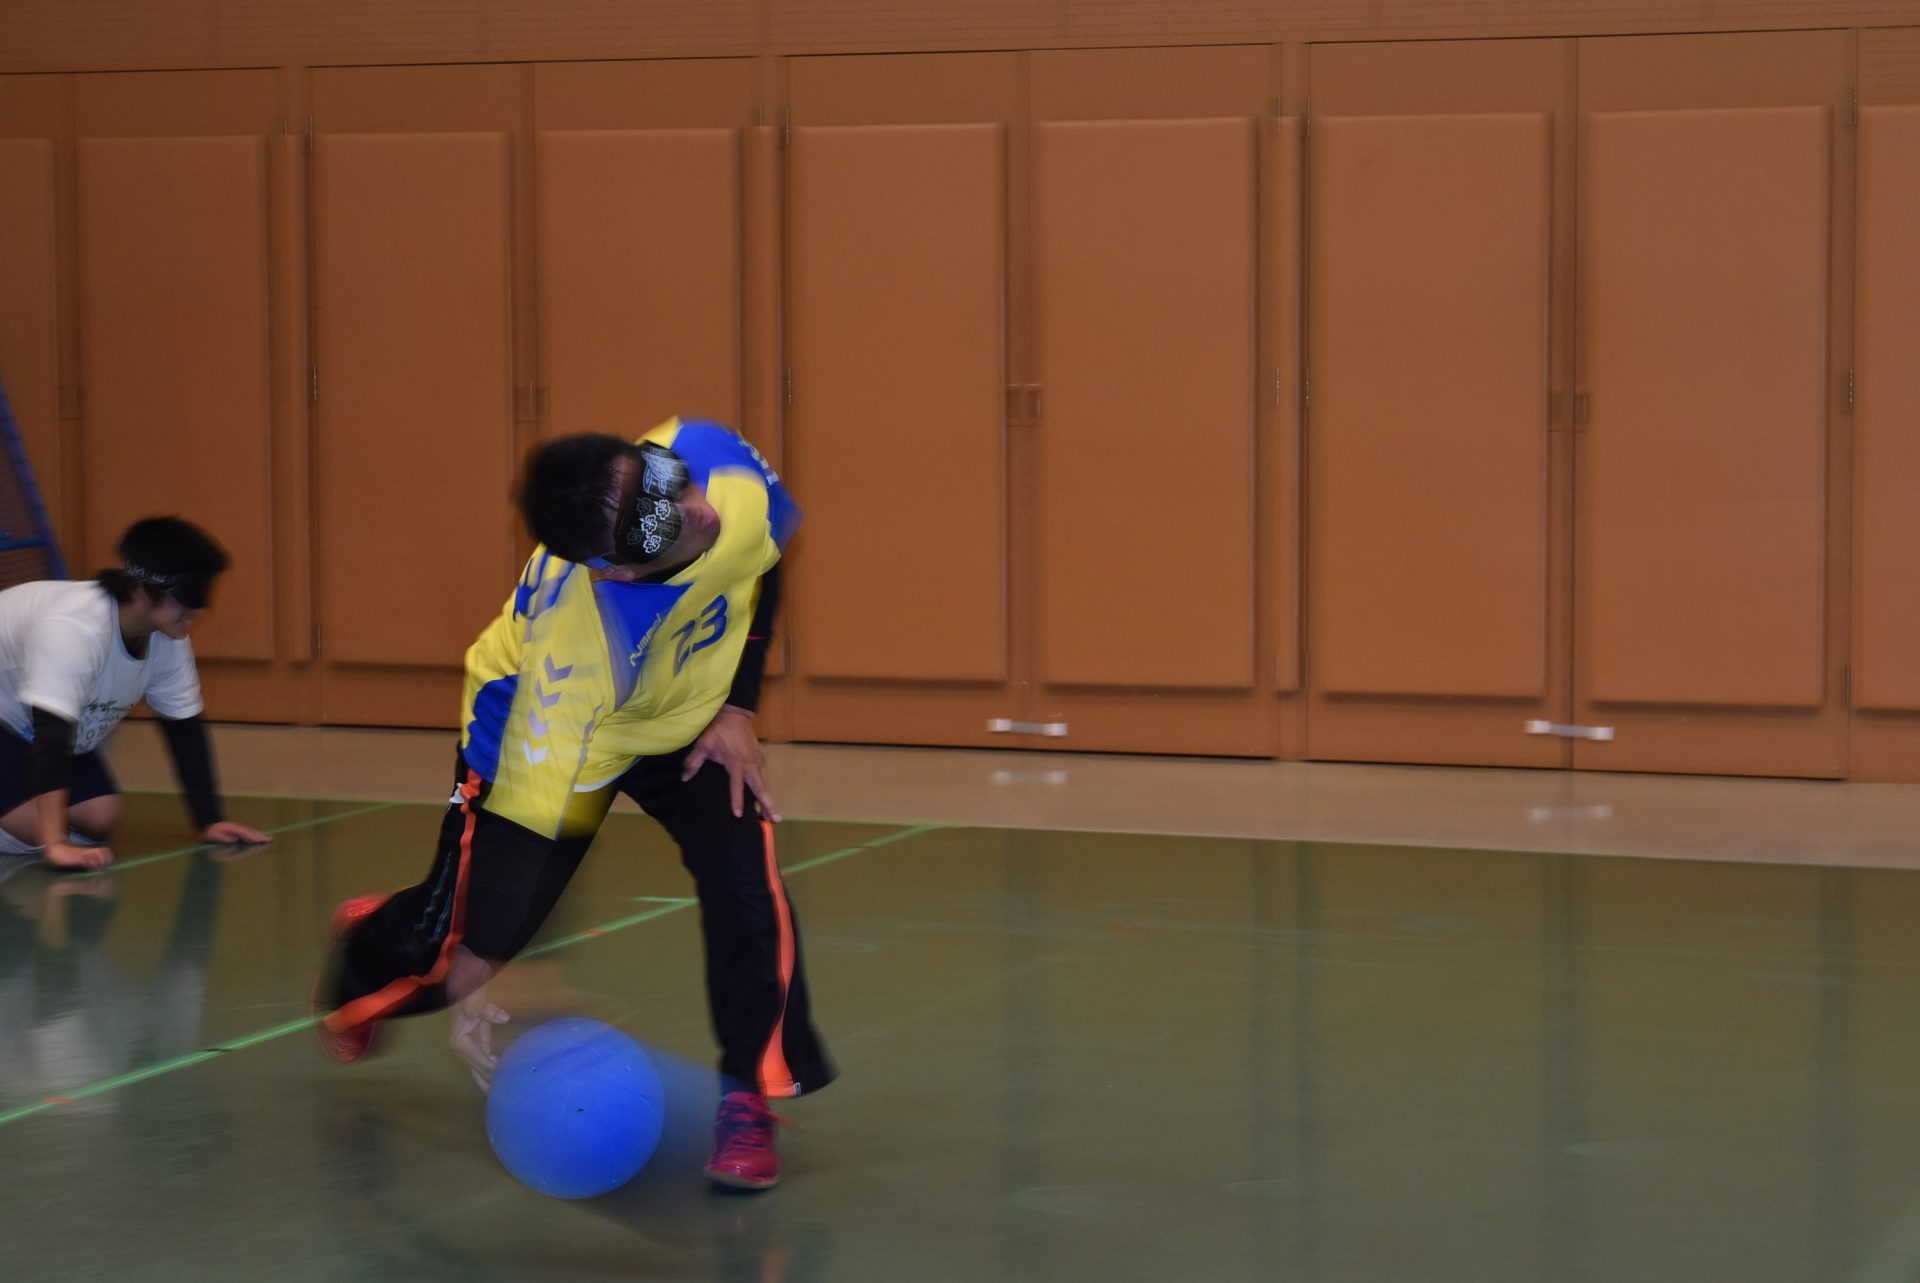 素早くボールを投げる中村さん